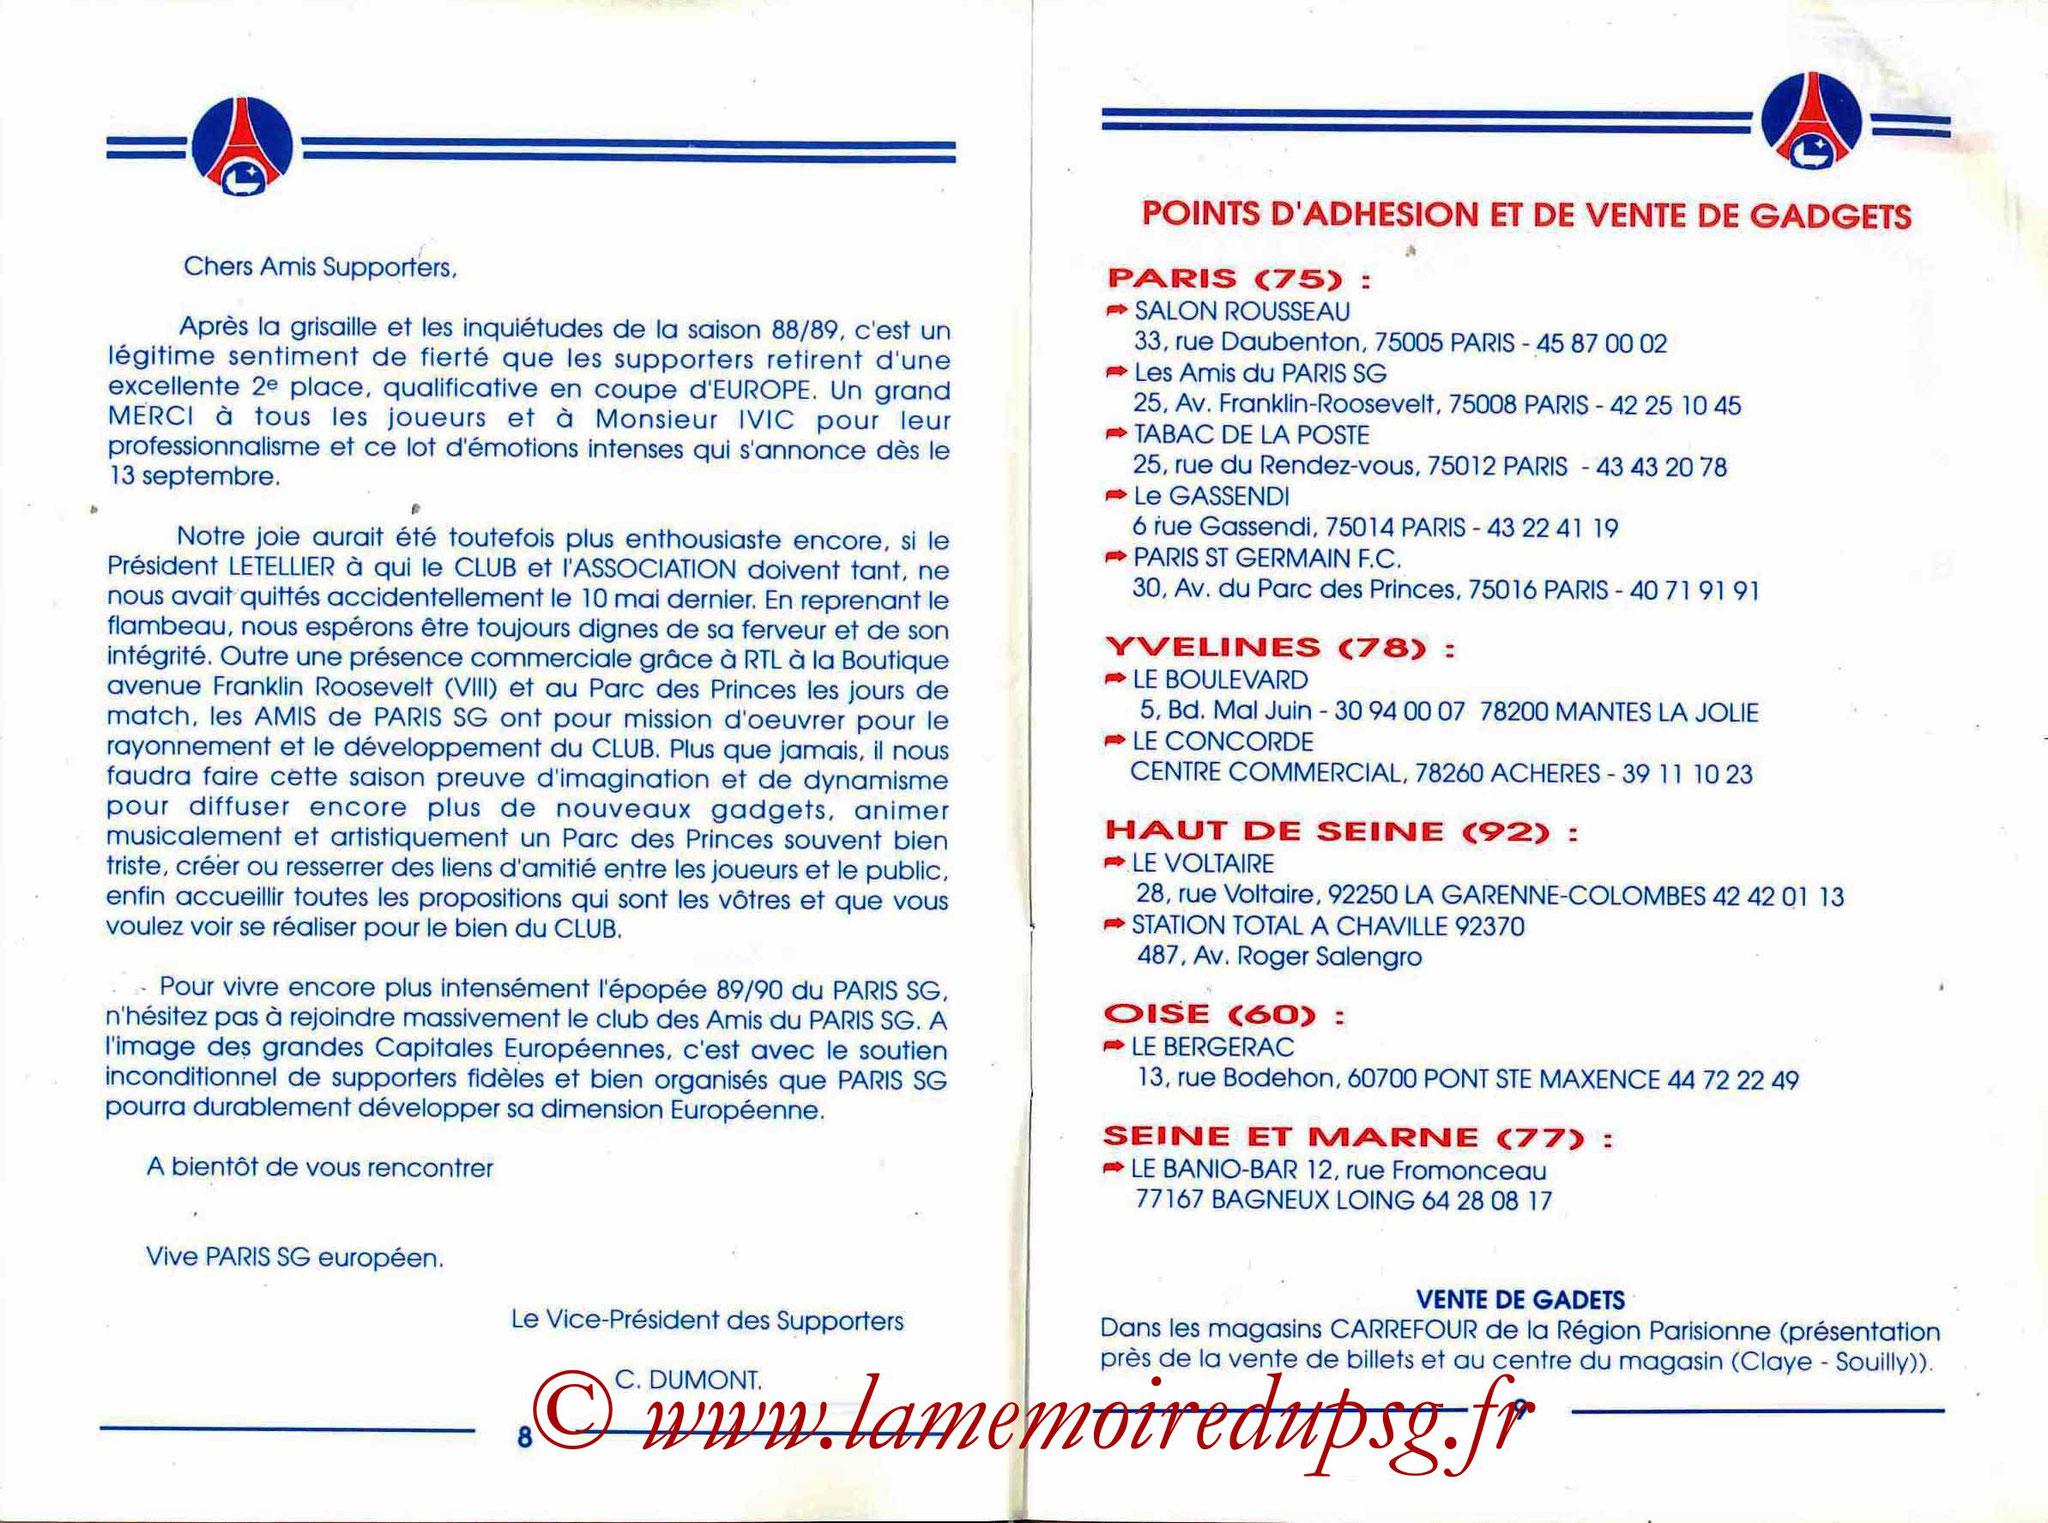 1989-90 - Guide de la Saison PSG - Pages 8 et 9